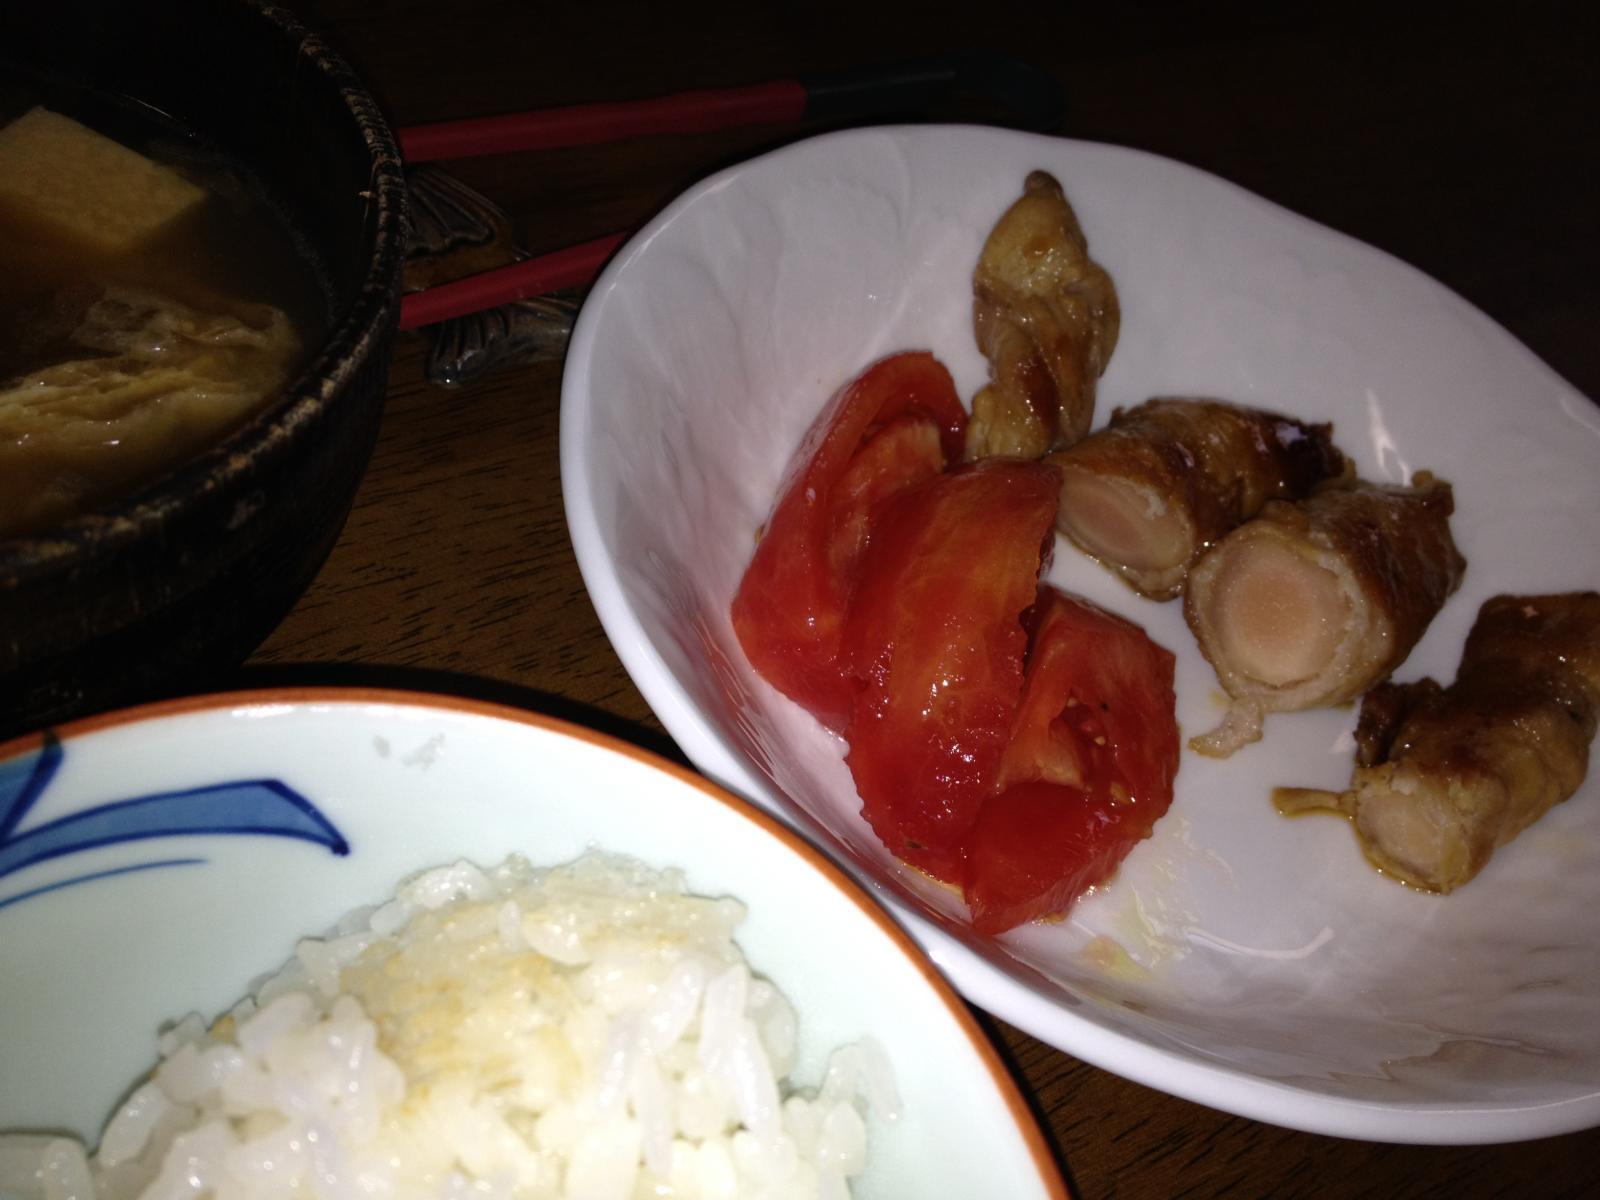 岩下の新生姜の豚バラ肉巻き照り焼きソース